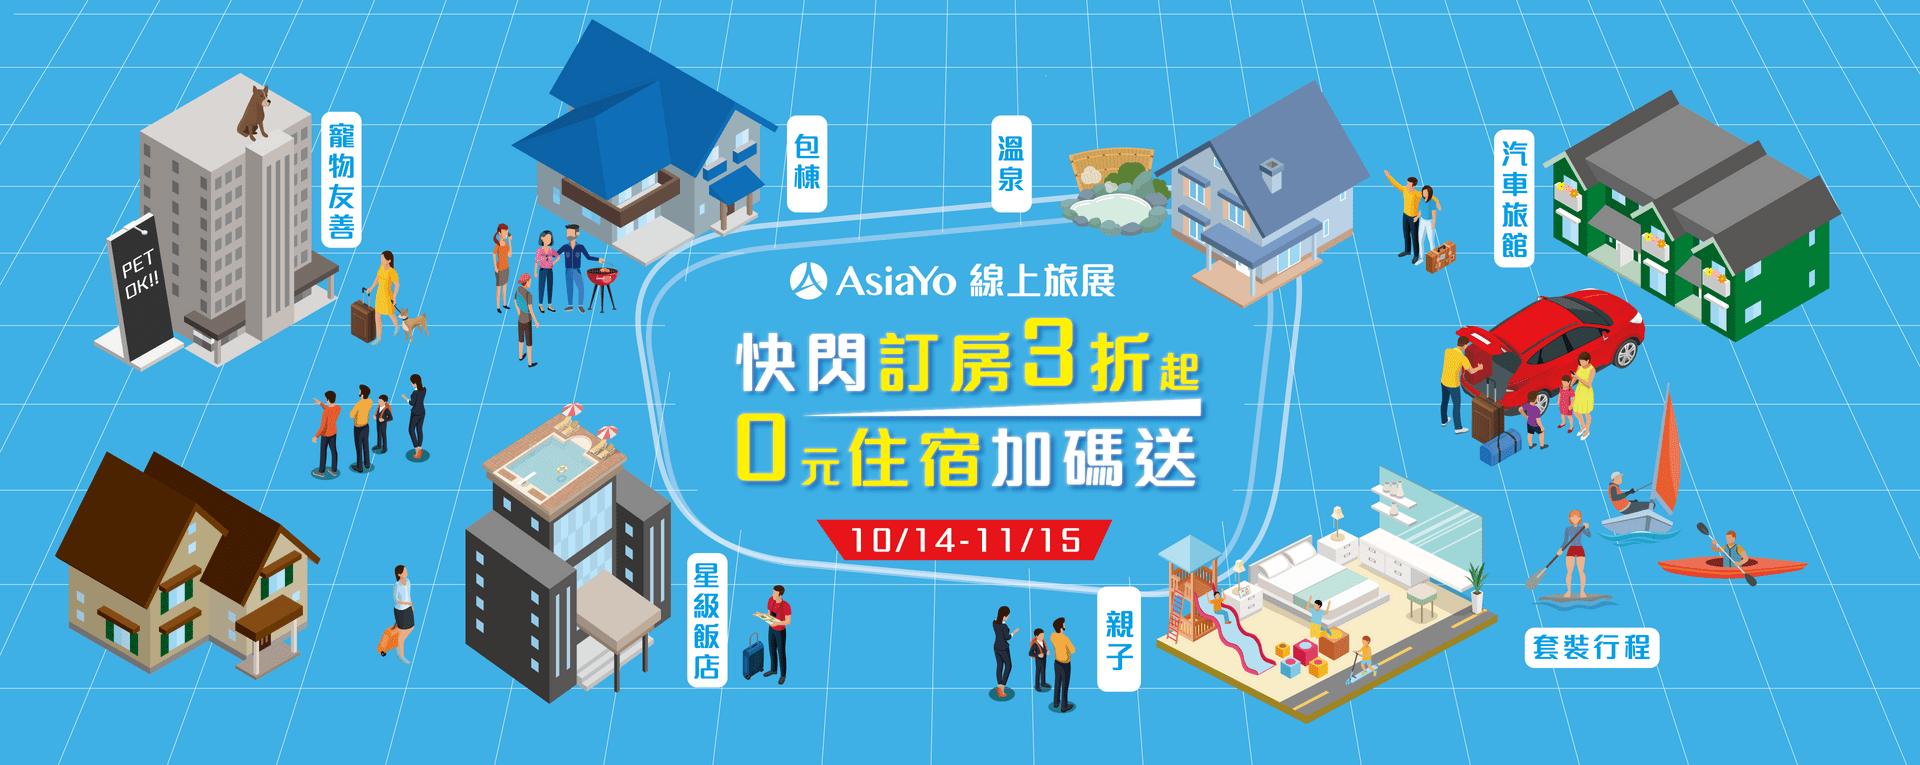 AsiaYo線上旅展